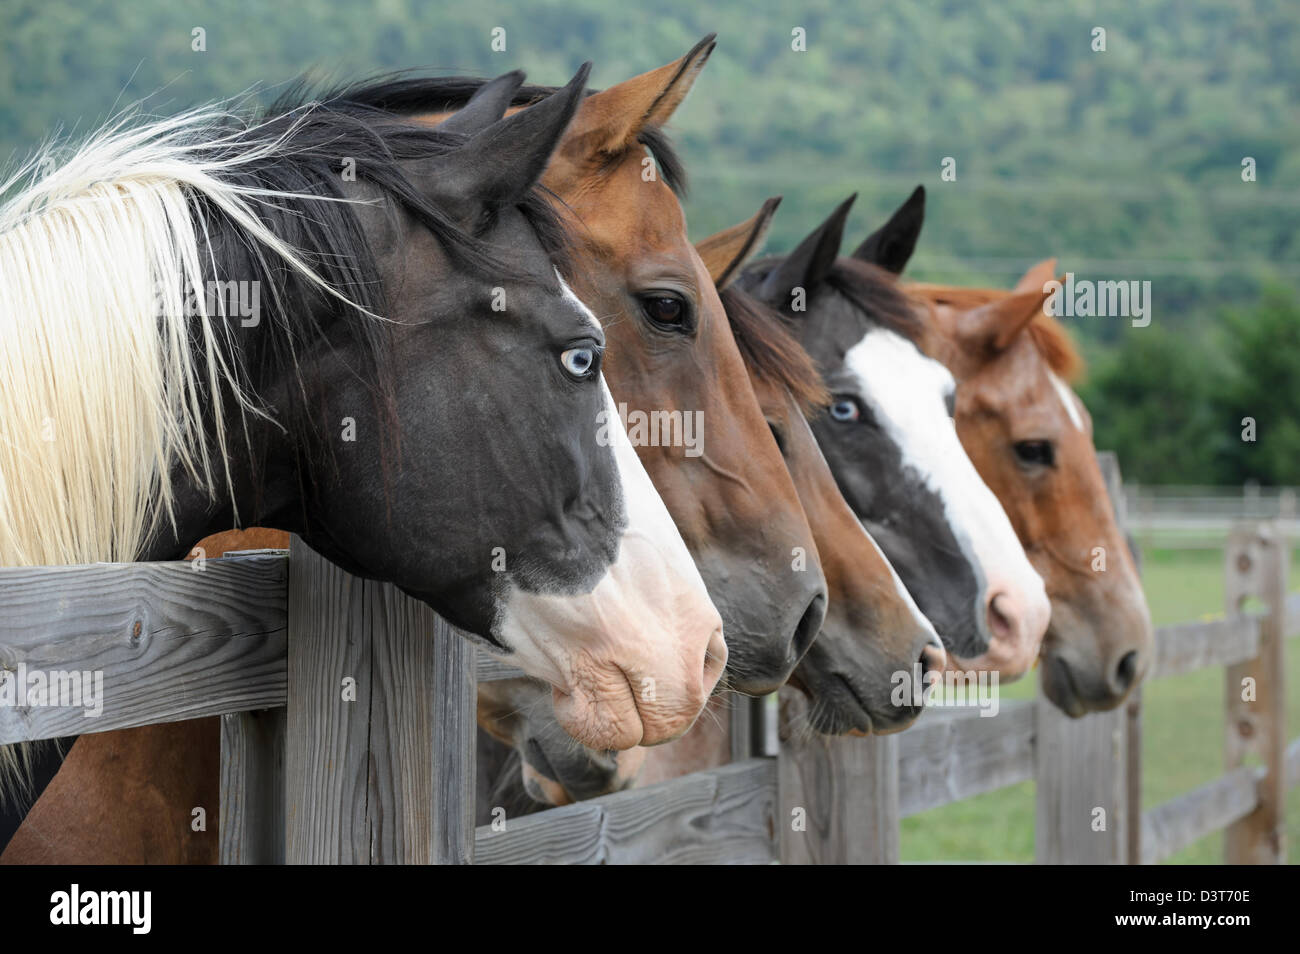 Pferde aufgereiht über Zaun als Gruppe in Richtung Kamera rechts, Seitenansicht, ein Tier mit stechend blauen Stockbild